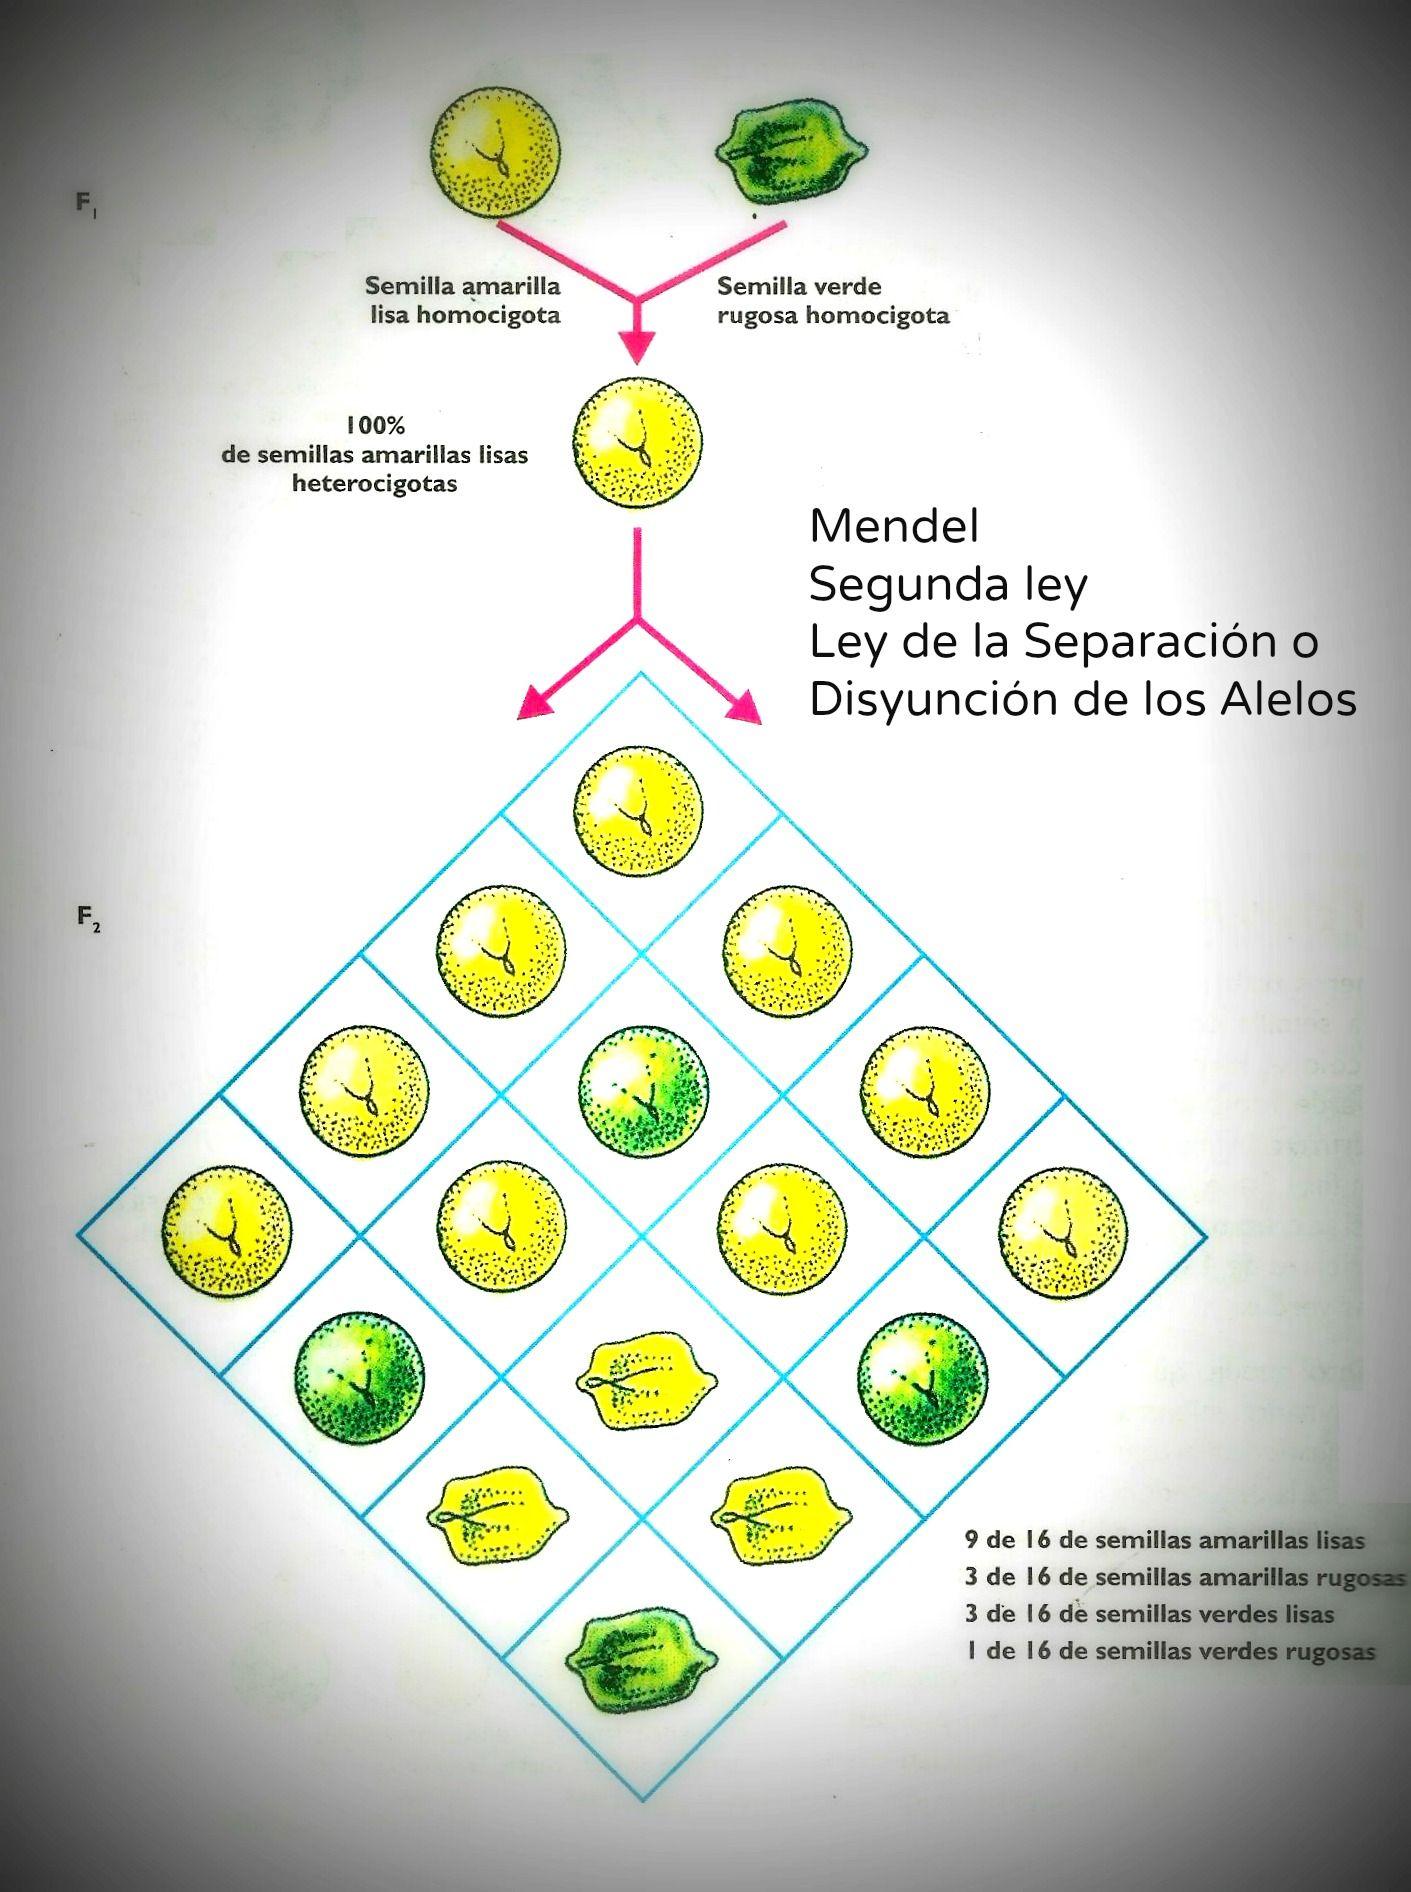 Segunda Ley De Mendel 2 ª Ley De Mendel Ley De La Segregacion De